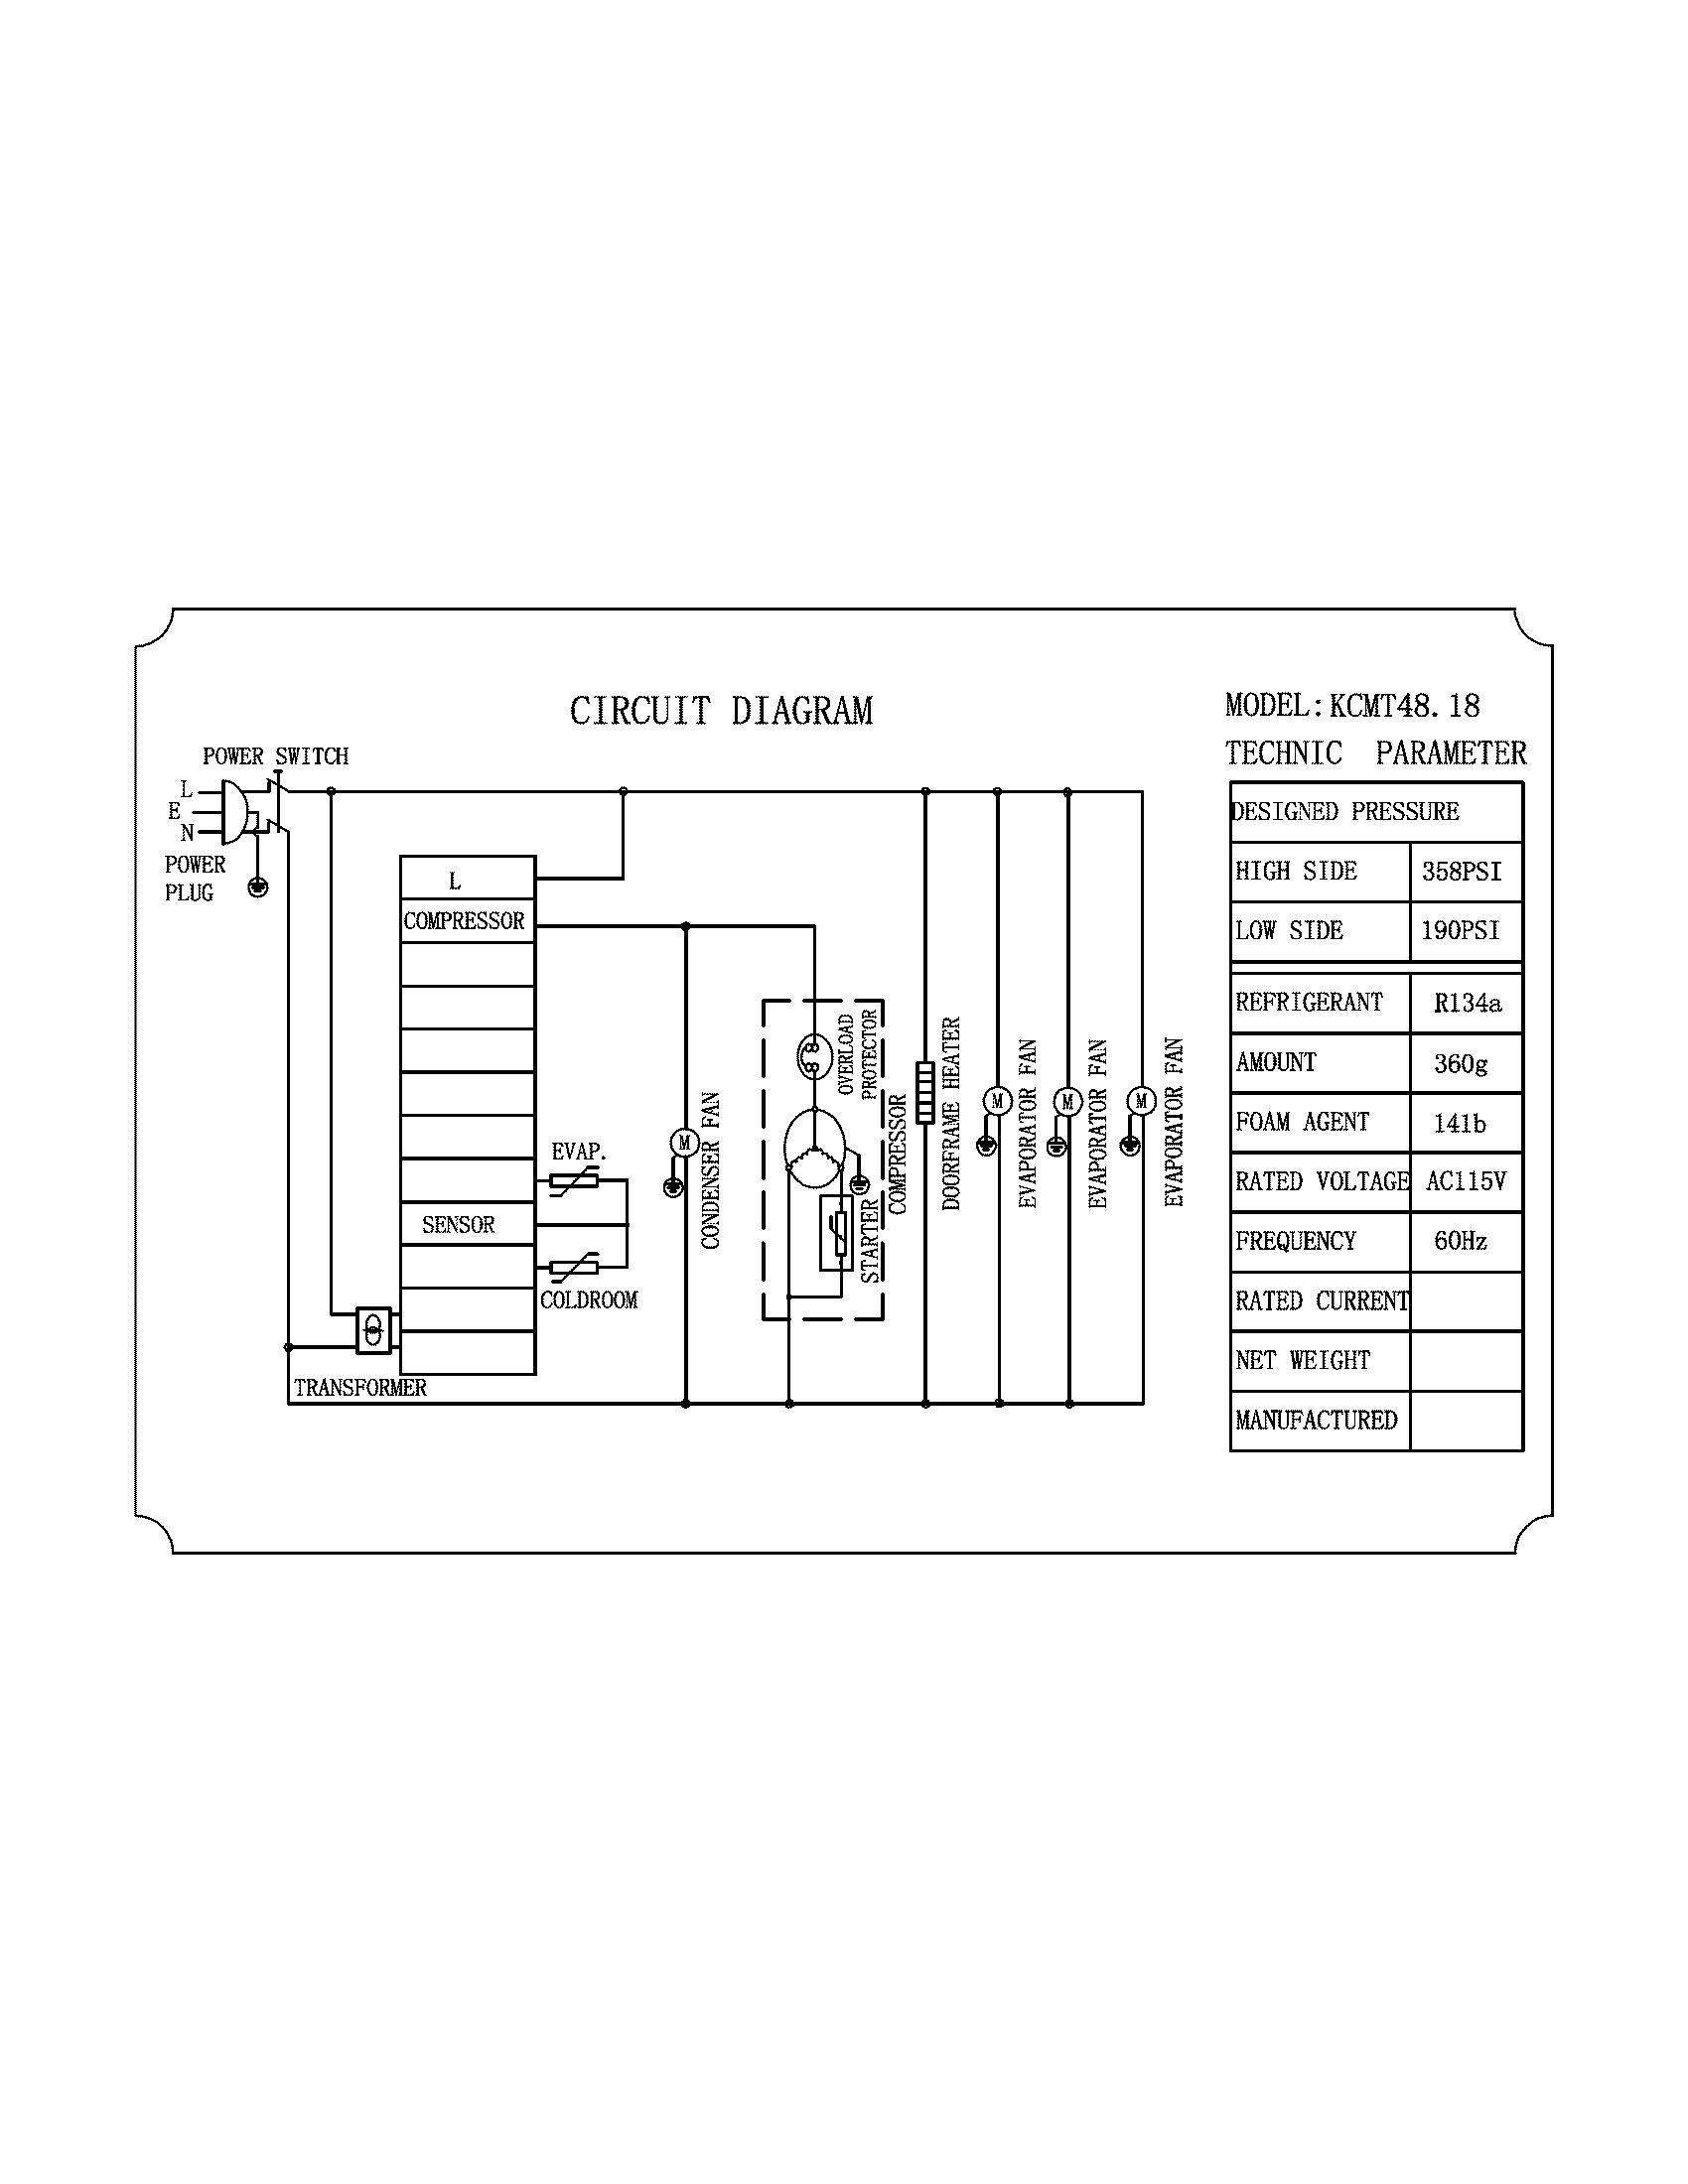 Kelvinator model KCMT48-18 refrigeration-commercial